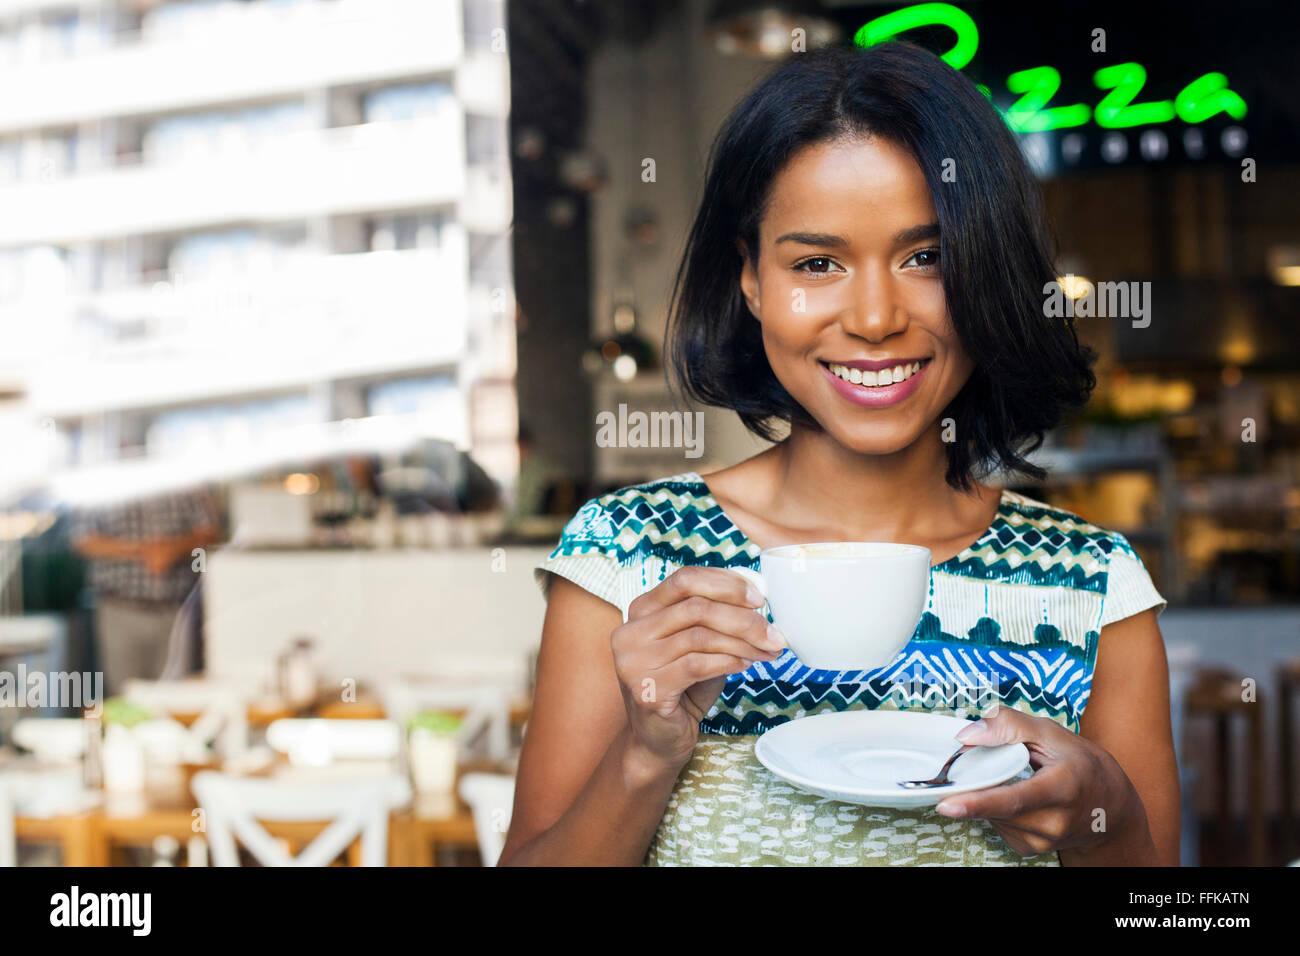 Gemischte Rassen Frau nimmt eine Kaffeepause Stockfoto